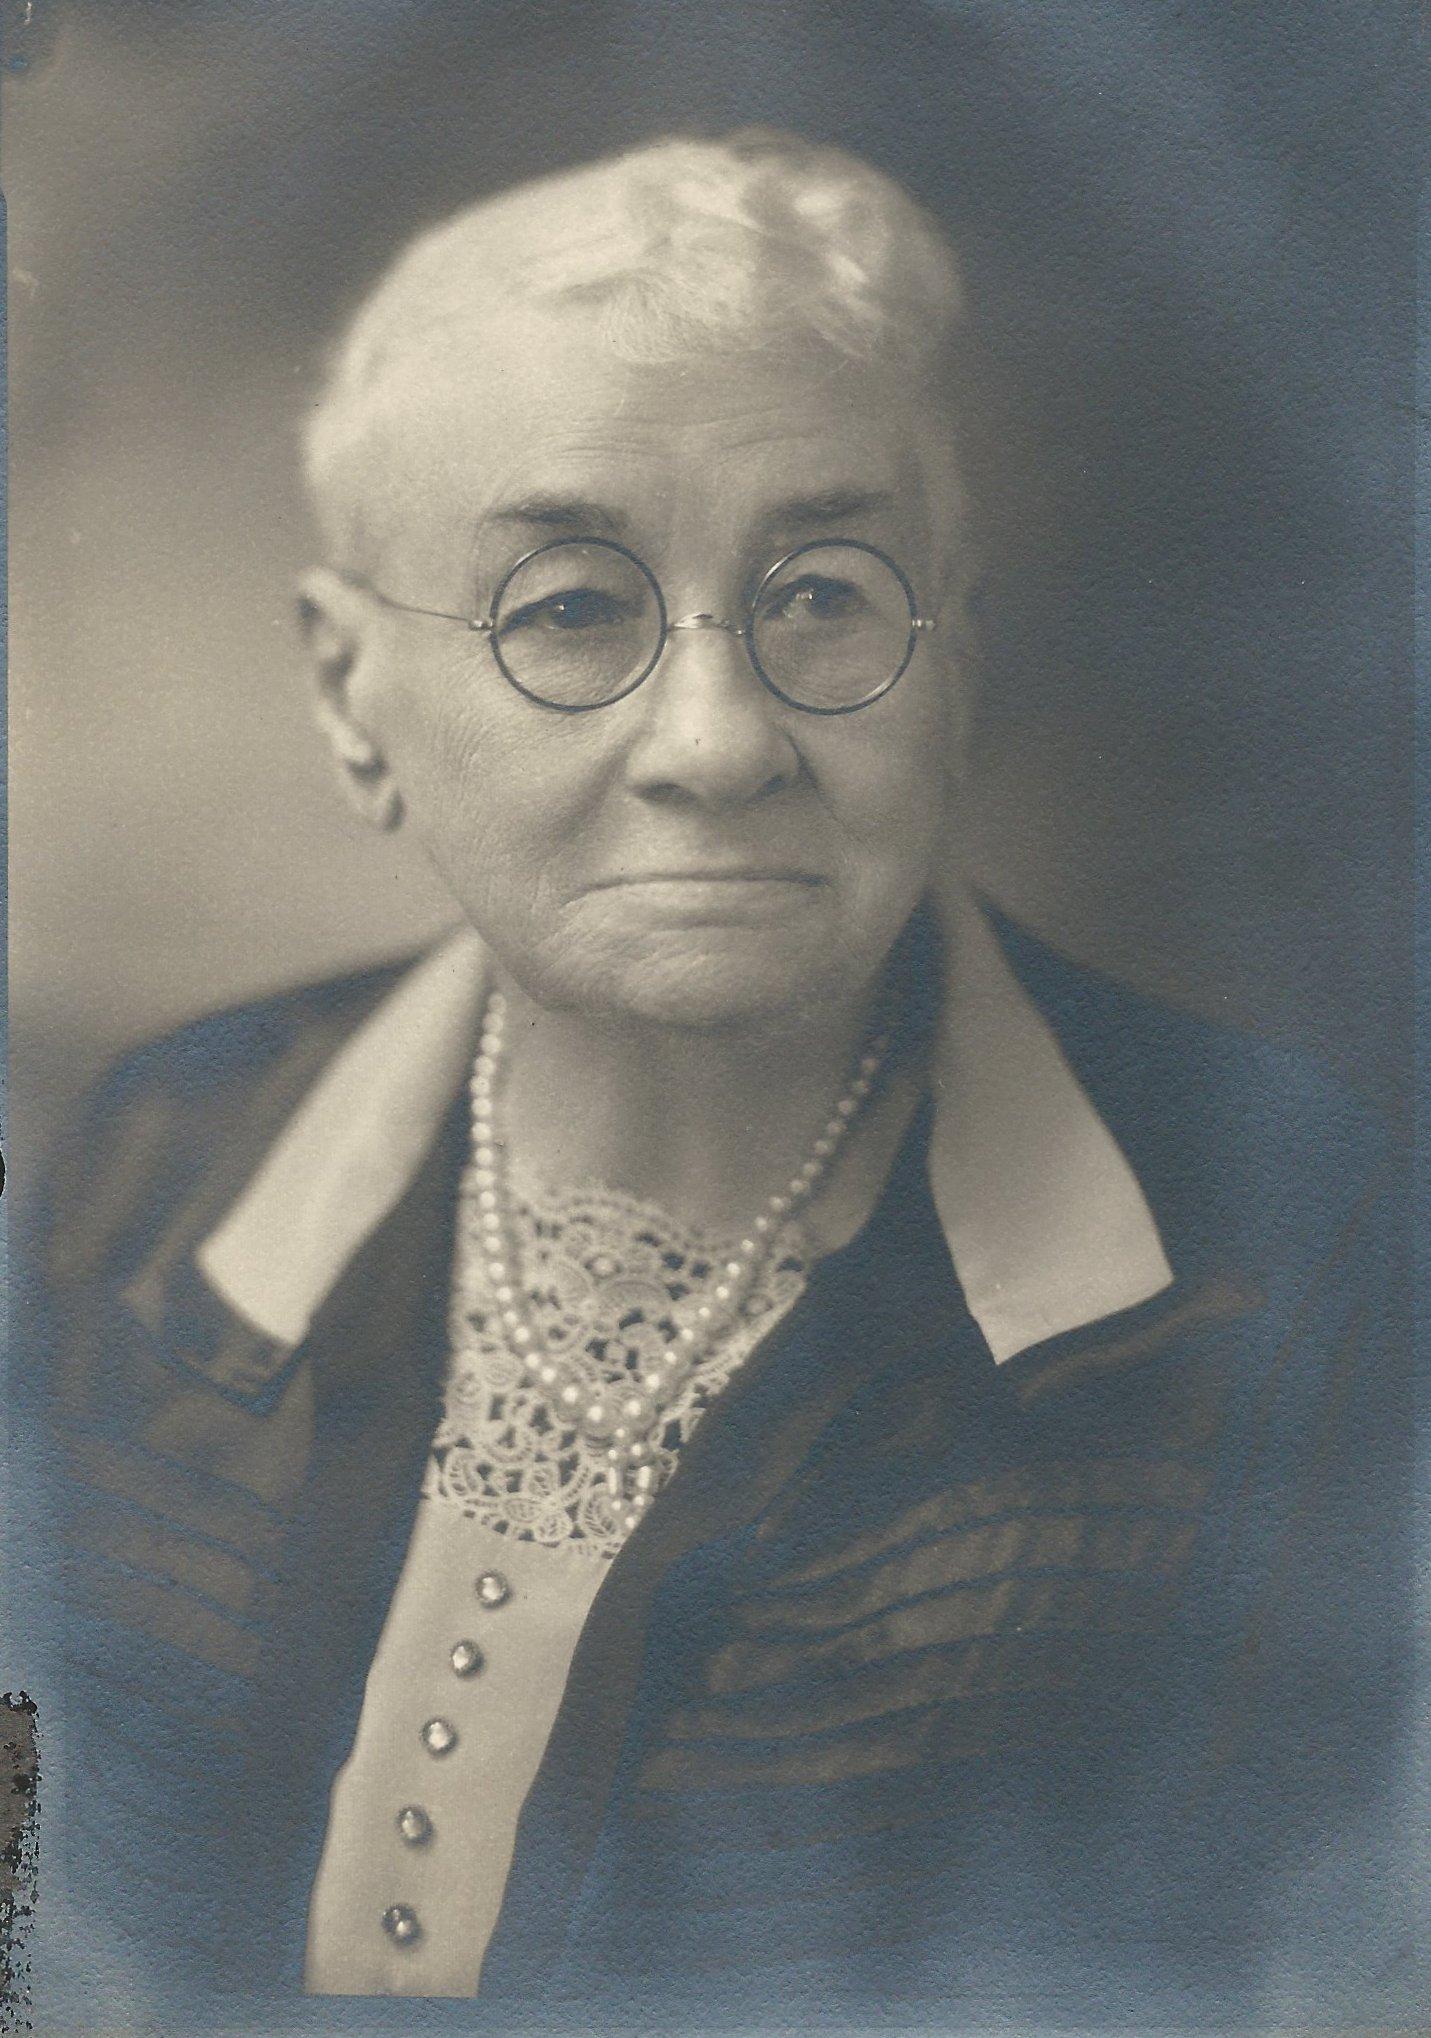 Mary Ann Nichols